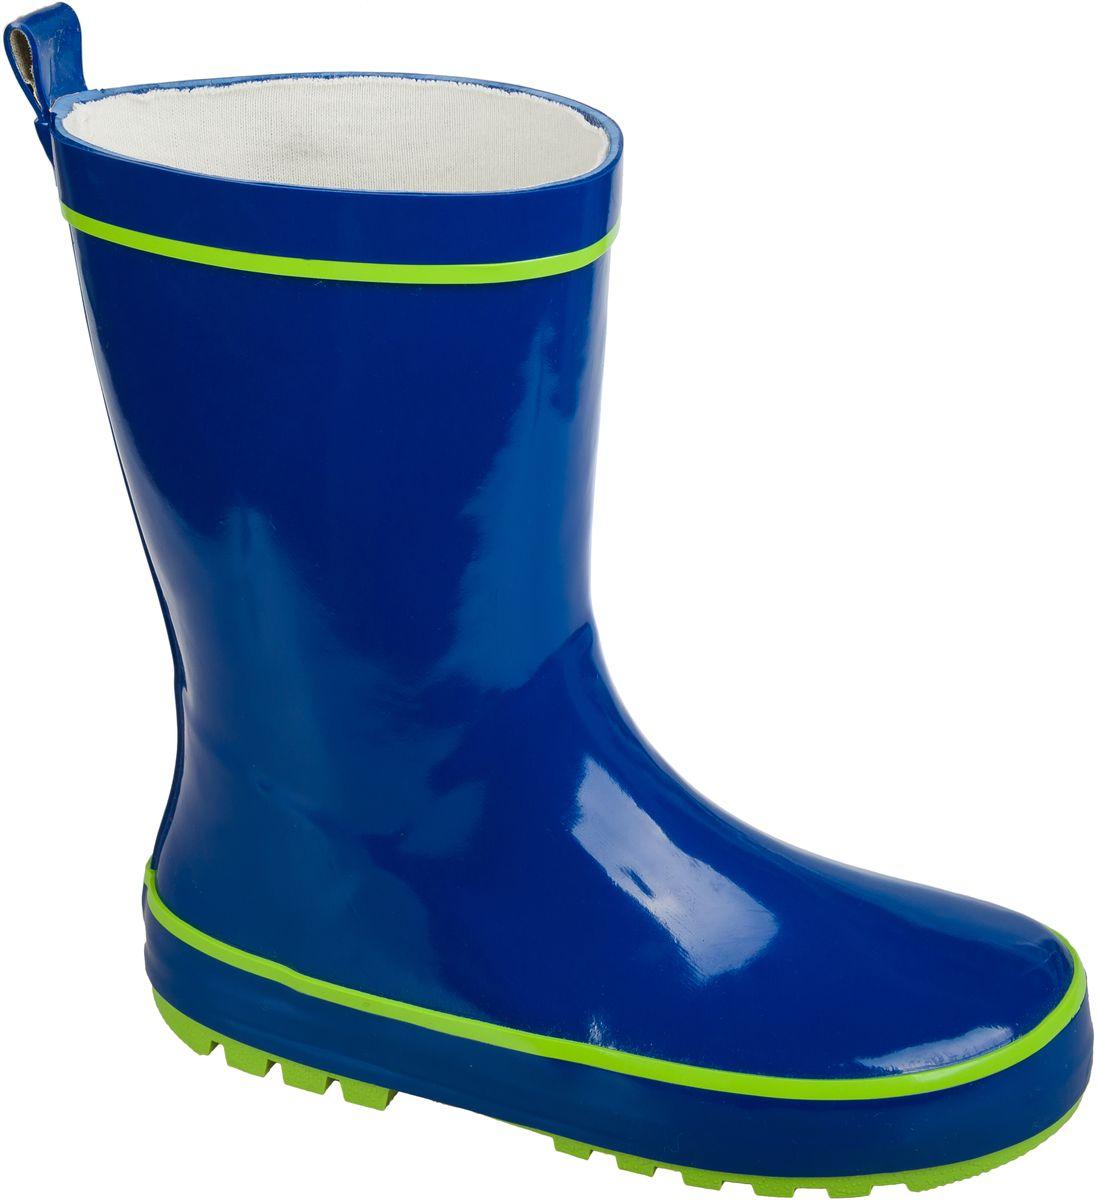 Сапоги резиновые для мальчика Mursu, цвет: синий. 101442. Размер 31101442Резиновые сапоги от фирмы Mursu выполнены из качественной резины. Хлопковая подкладка и стелька сохранят тепло и обеспечат полный уют и комфорт при носке. Рельефная резиновая подошва устойчива к истиранию и гарантирует отличное сцепление с любой поверхностью. Такие практичные резиновые сапоги займут достойное место в гардеробе вашего ребенка.